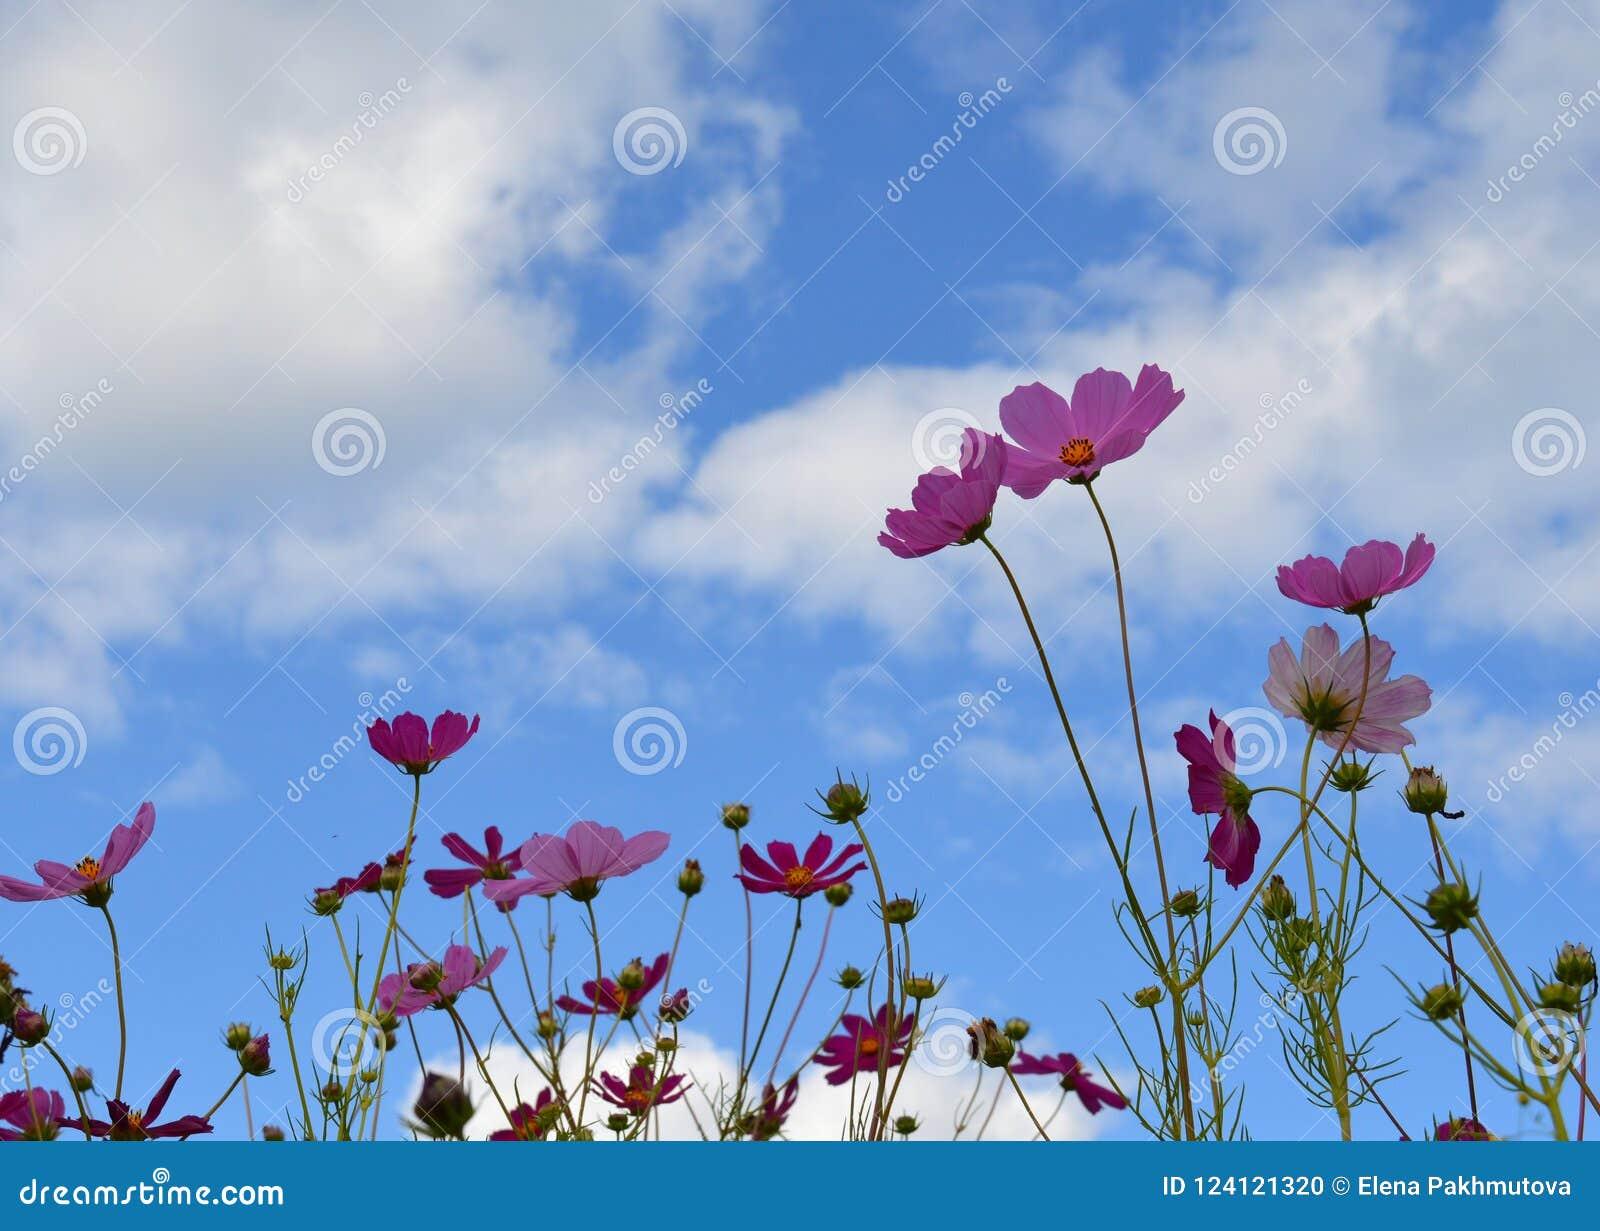 Цветок, поле, красный цвет, мак, природа, весна, небо, тюльпан, лето, зеленый цвет, цветение, цветки, синь, завод, красивый, крас